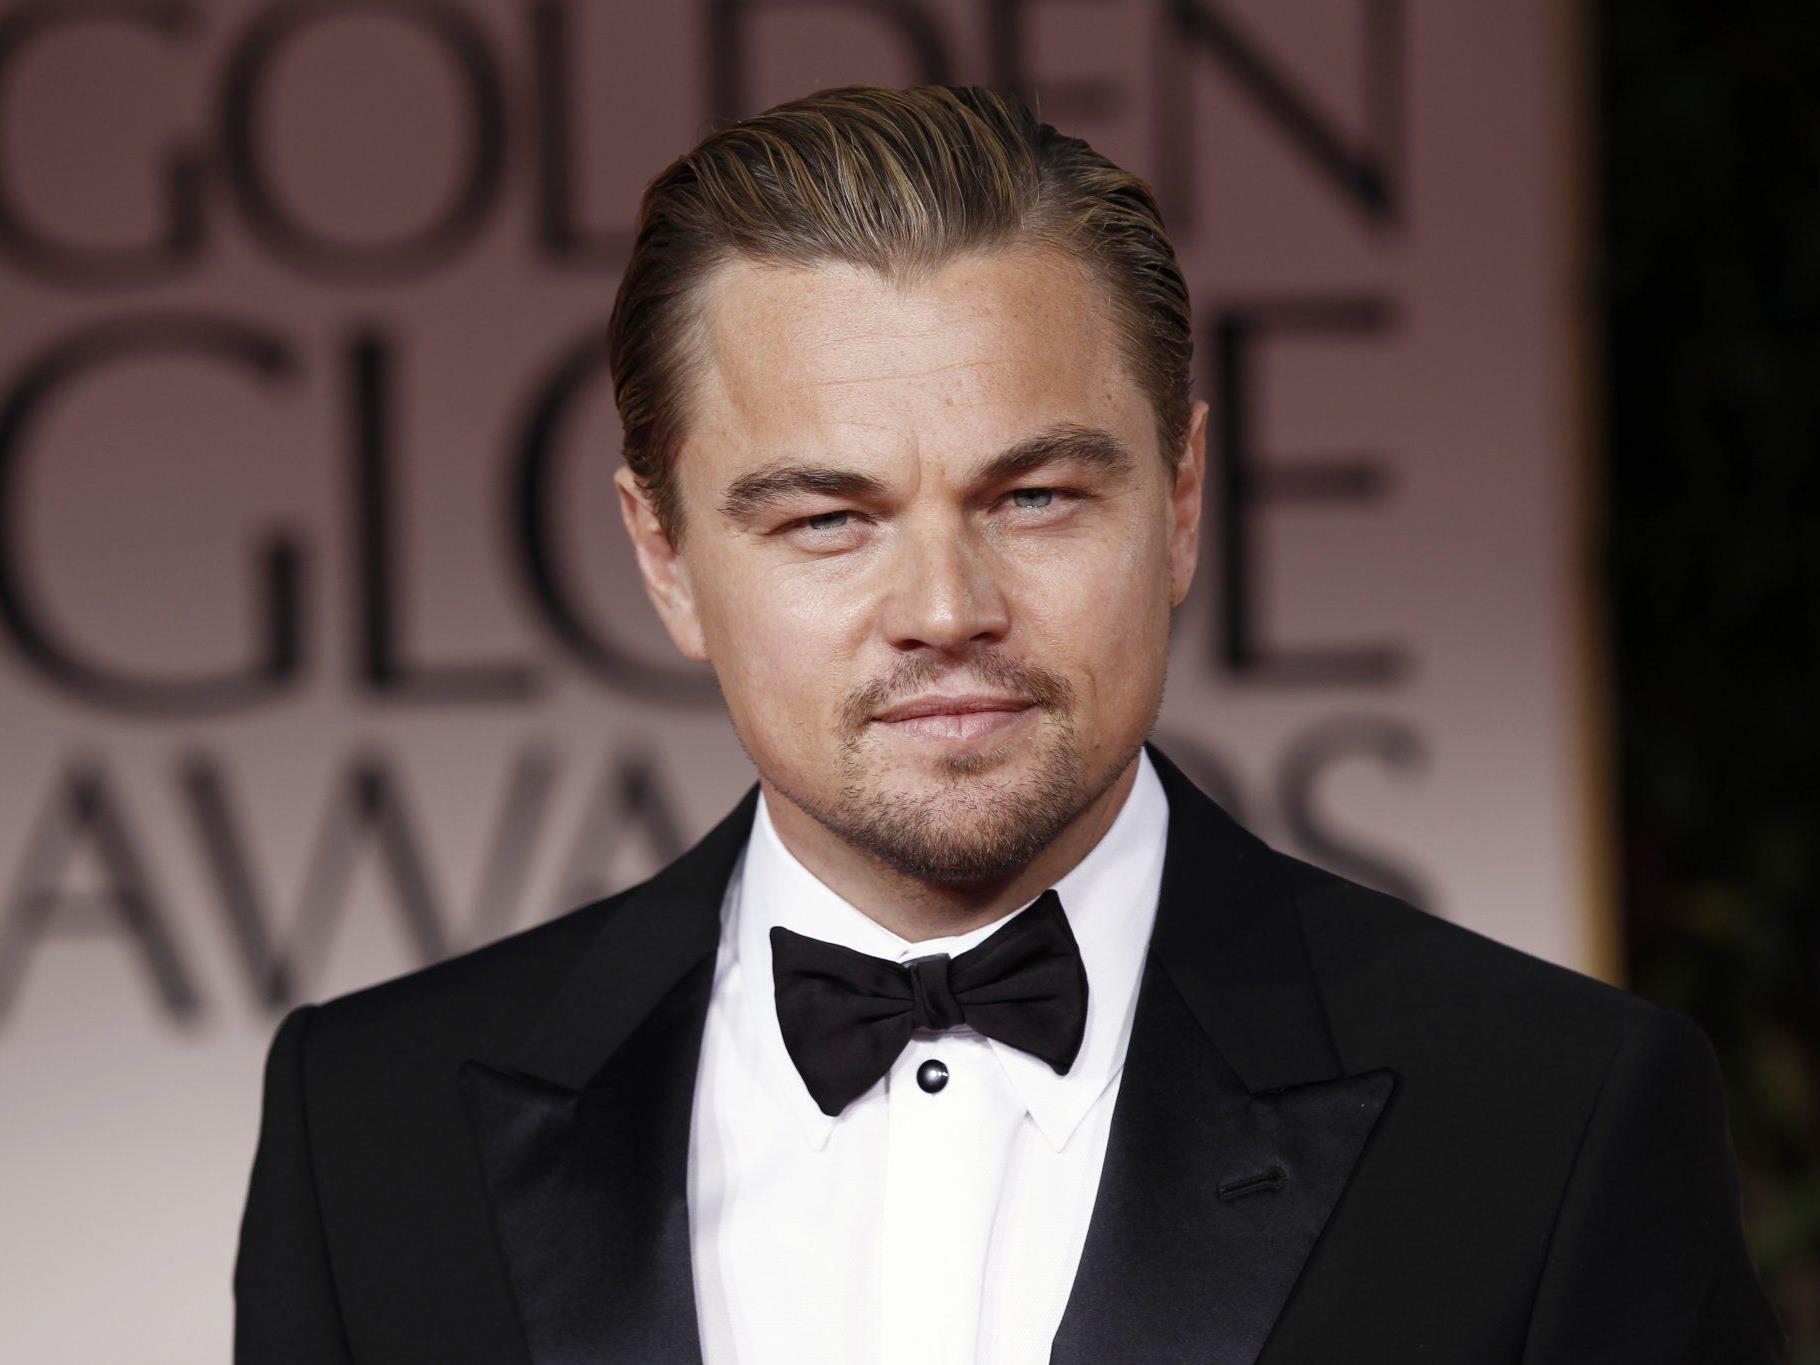 Der Golden Globes Preisträger überzeugte schon diverse Male als Charakterdarsteller.